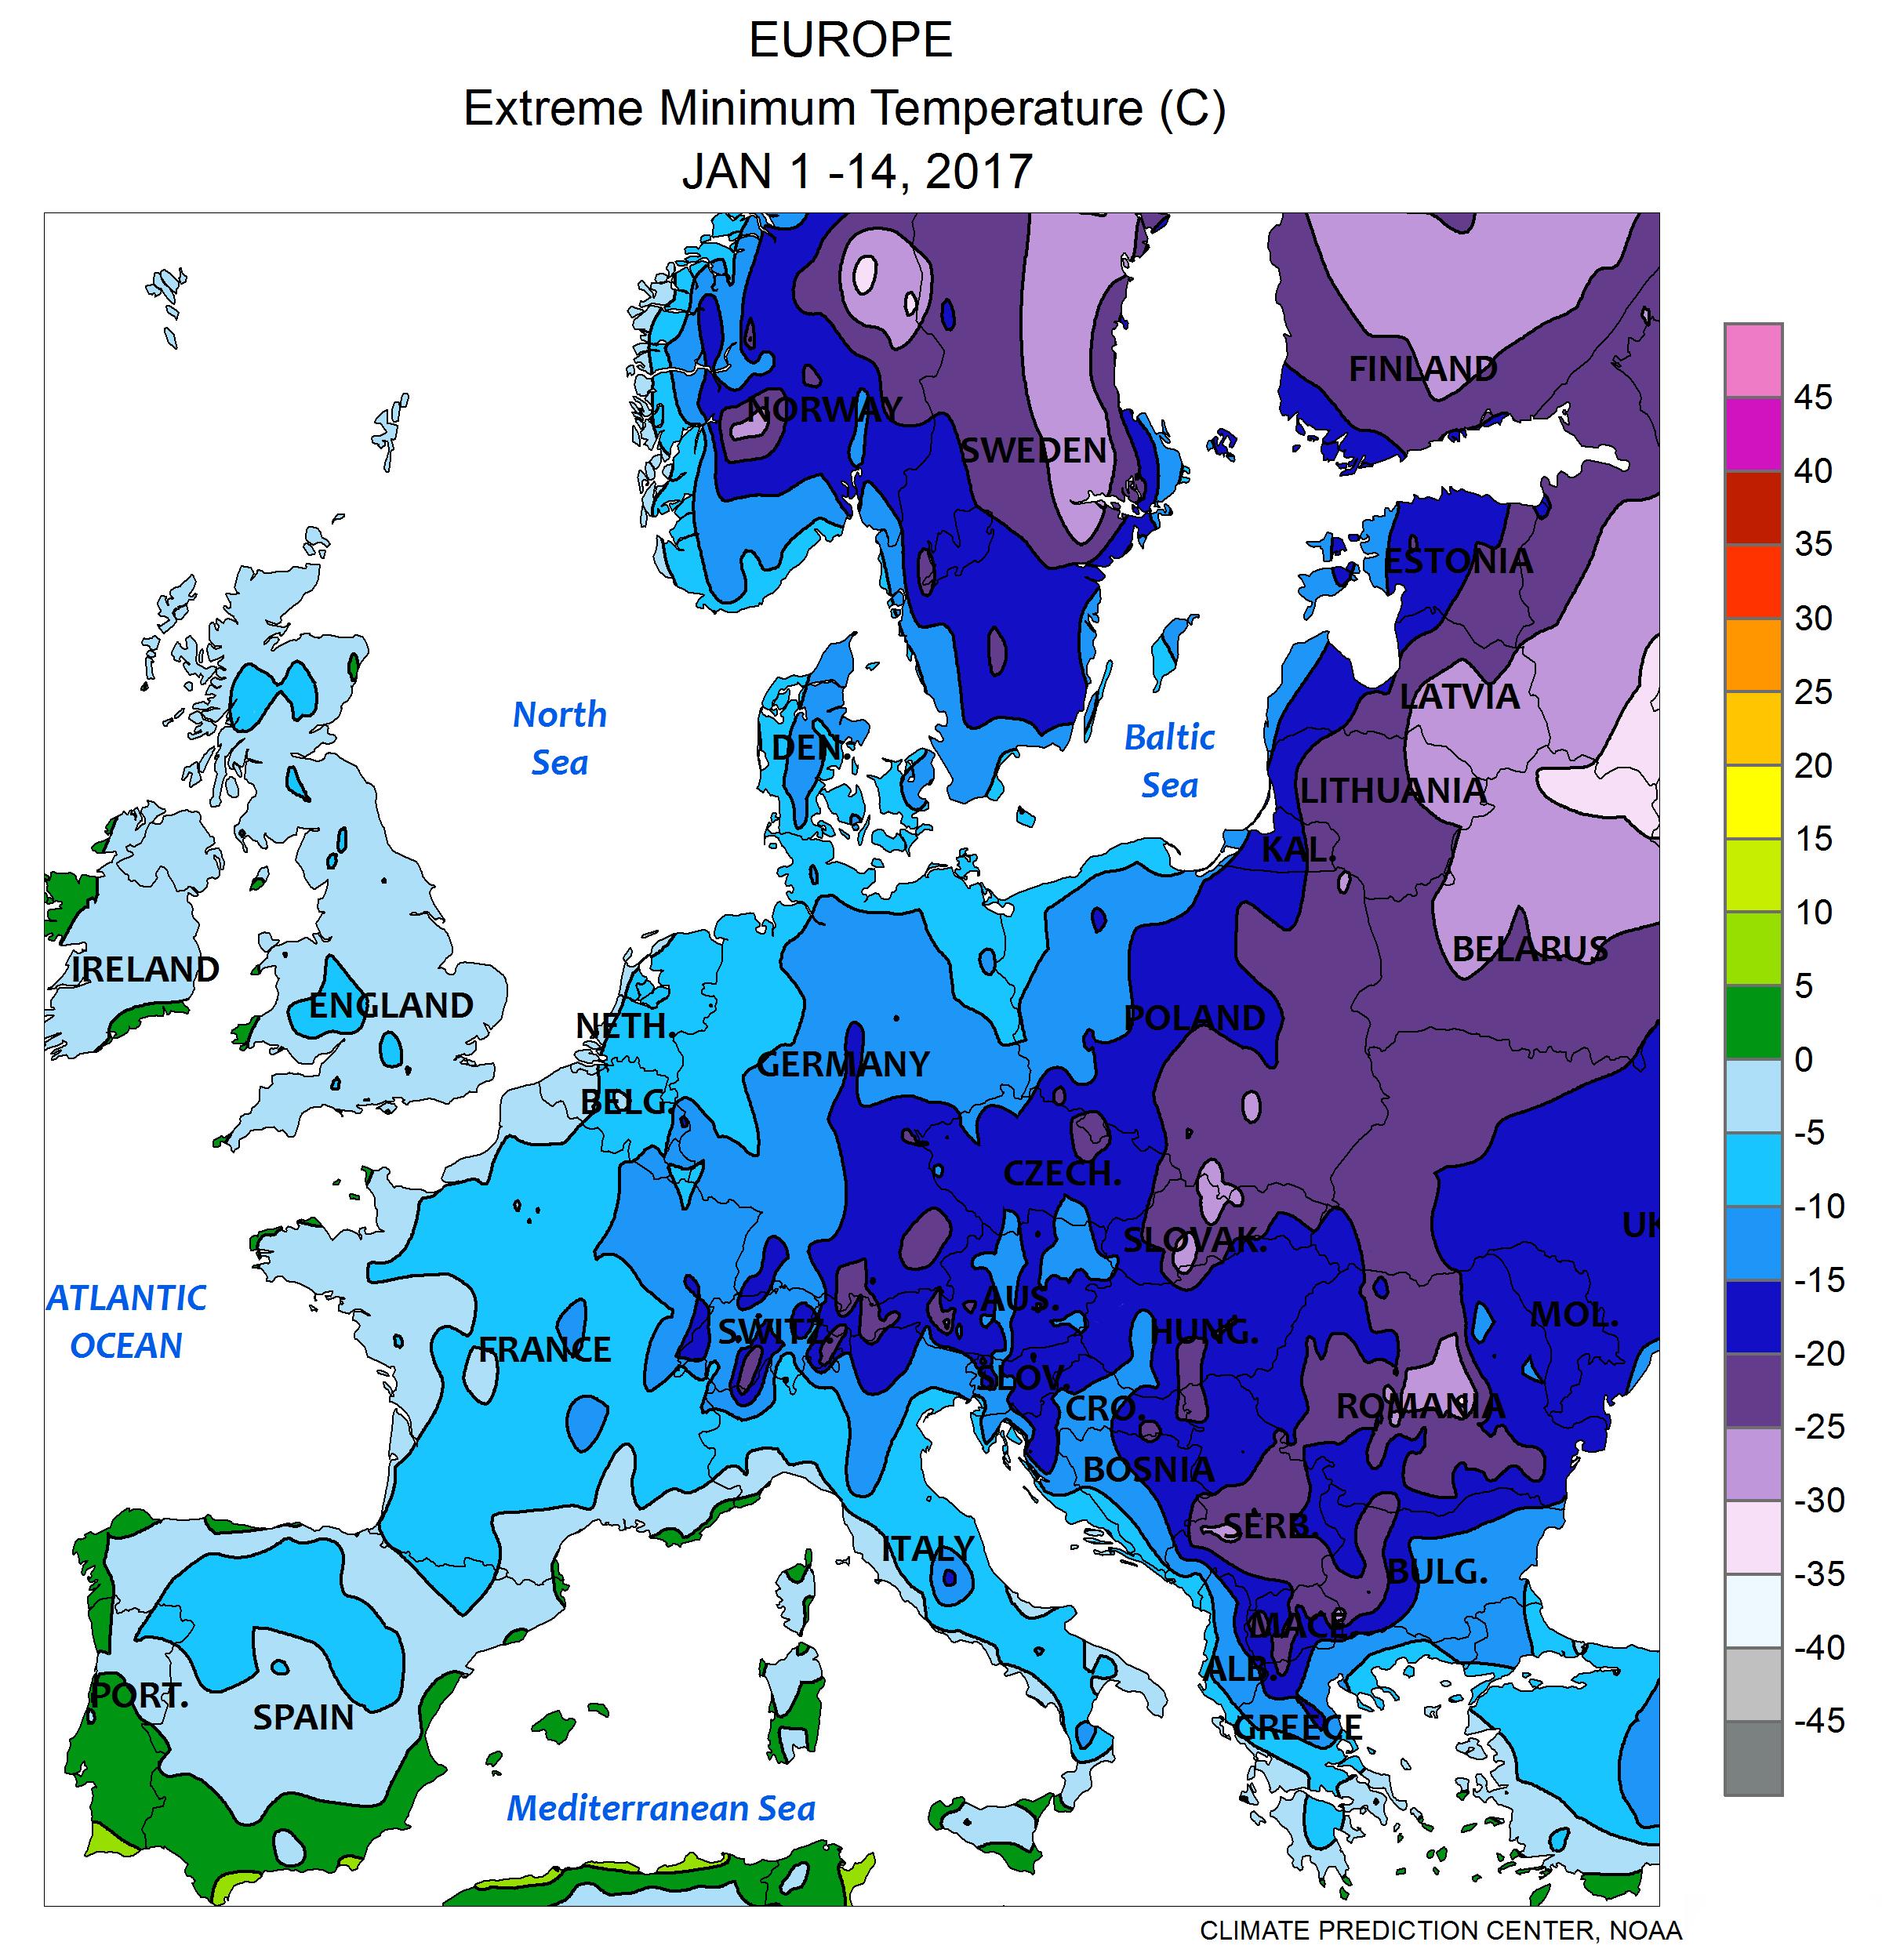 Filenws noaa europe extreme minimum temperature jan 1 14 2017 filenws noaa europe extreme minimum temperature jan 1 14 2017 sciox Choice Image